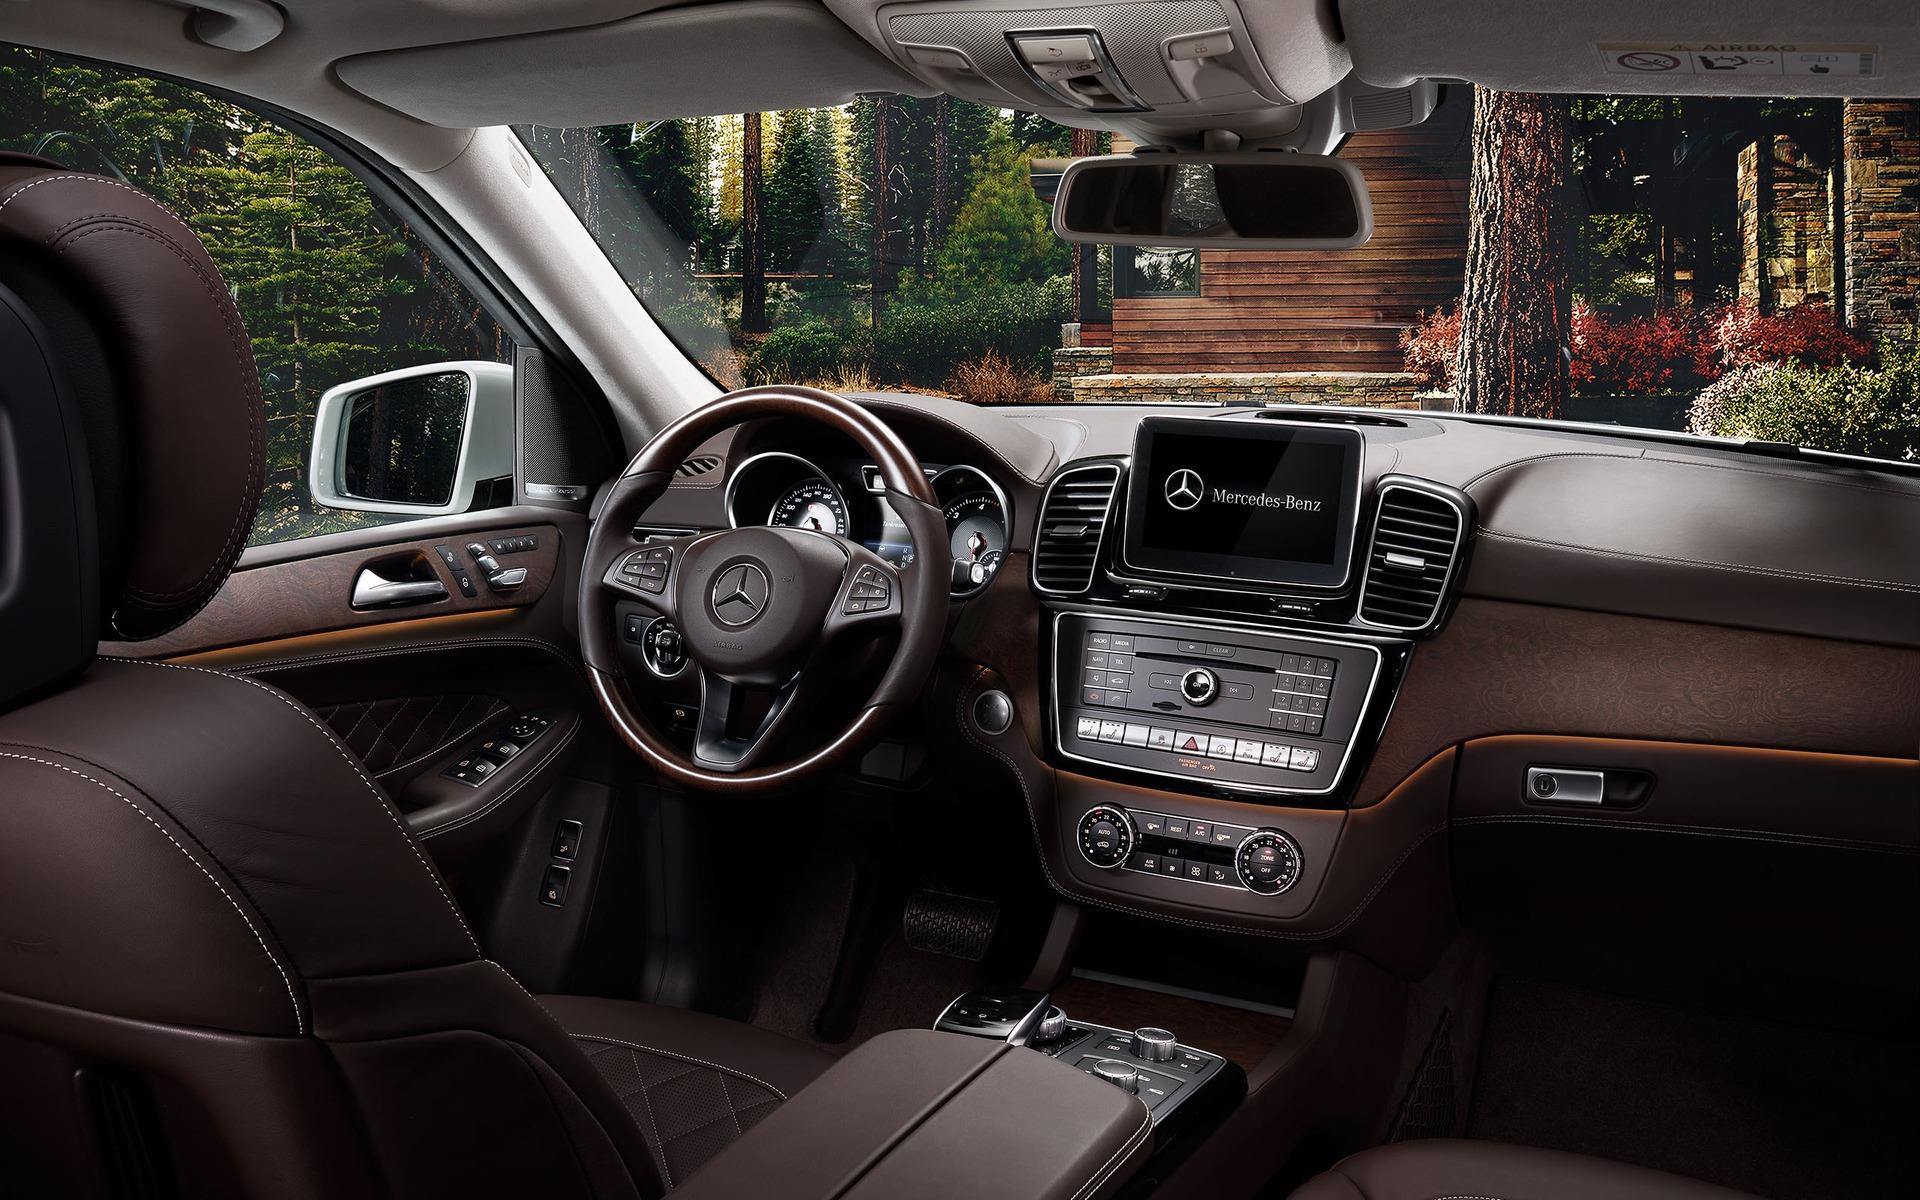 2017 Mercedes Benz Gle Class Photos 11 13 The Car Guide